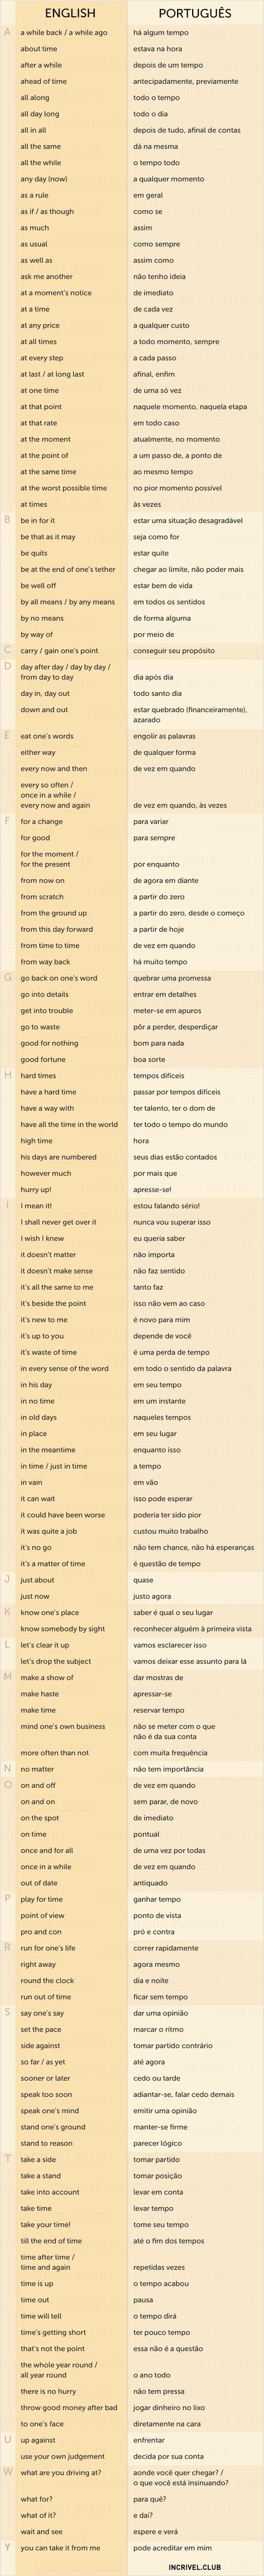 Para aqueles que não querem cometer erros na hora de falar e traduzir, reunimos algumas das expressões mais populares em uma tabela simples e útil. Desejamos a você muito sucesso na aprendizagem.